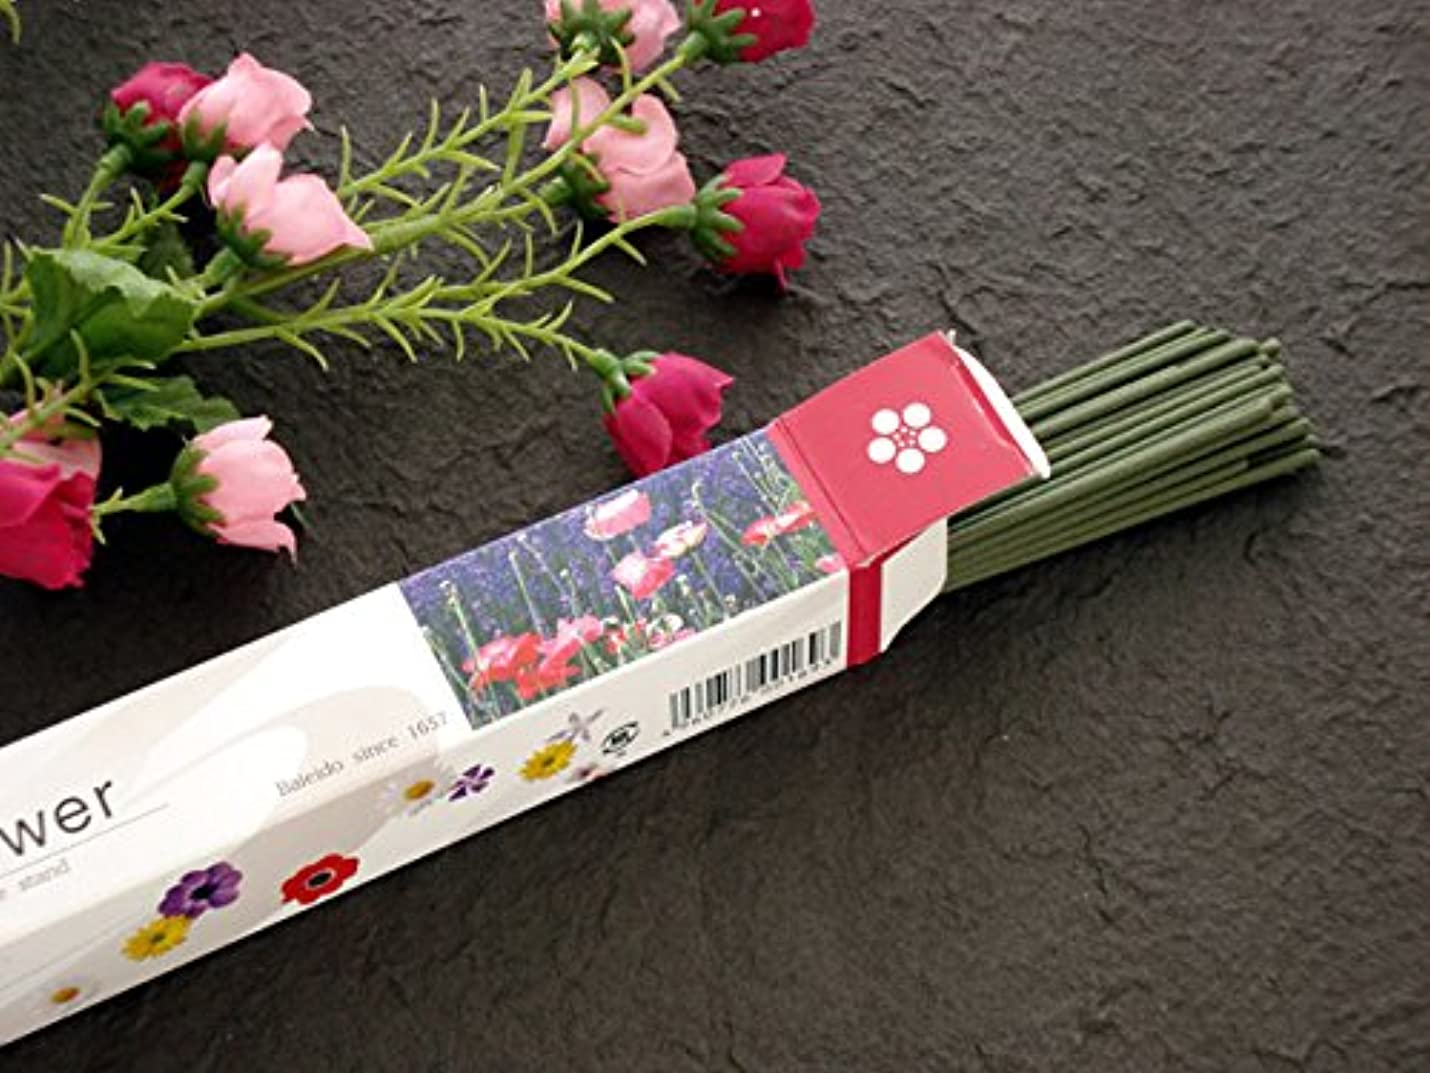 雪の鋸歯状トリッキー梅栄堂のお香 Wild flower